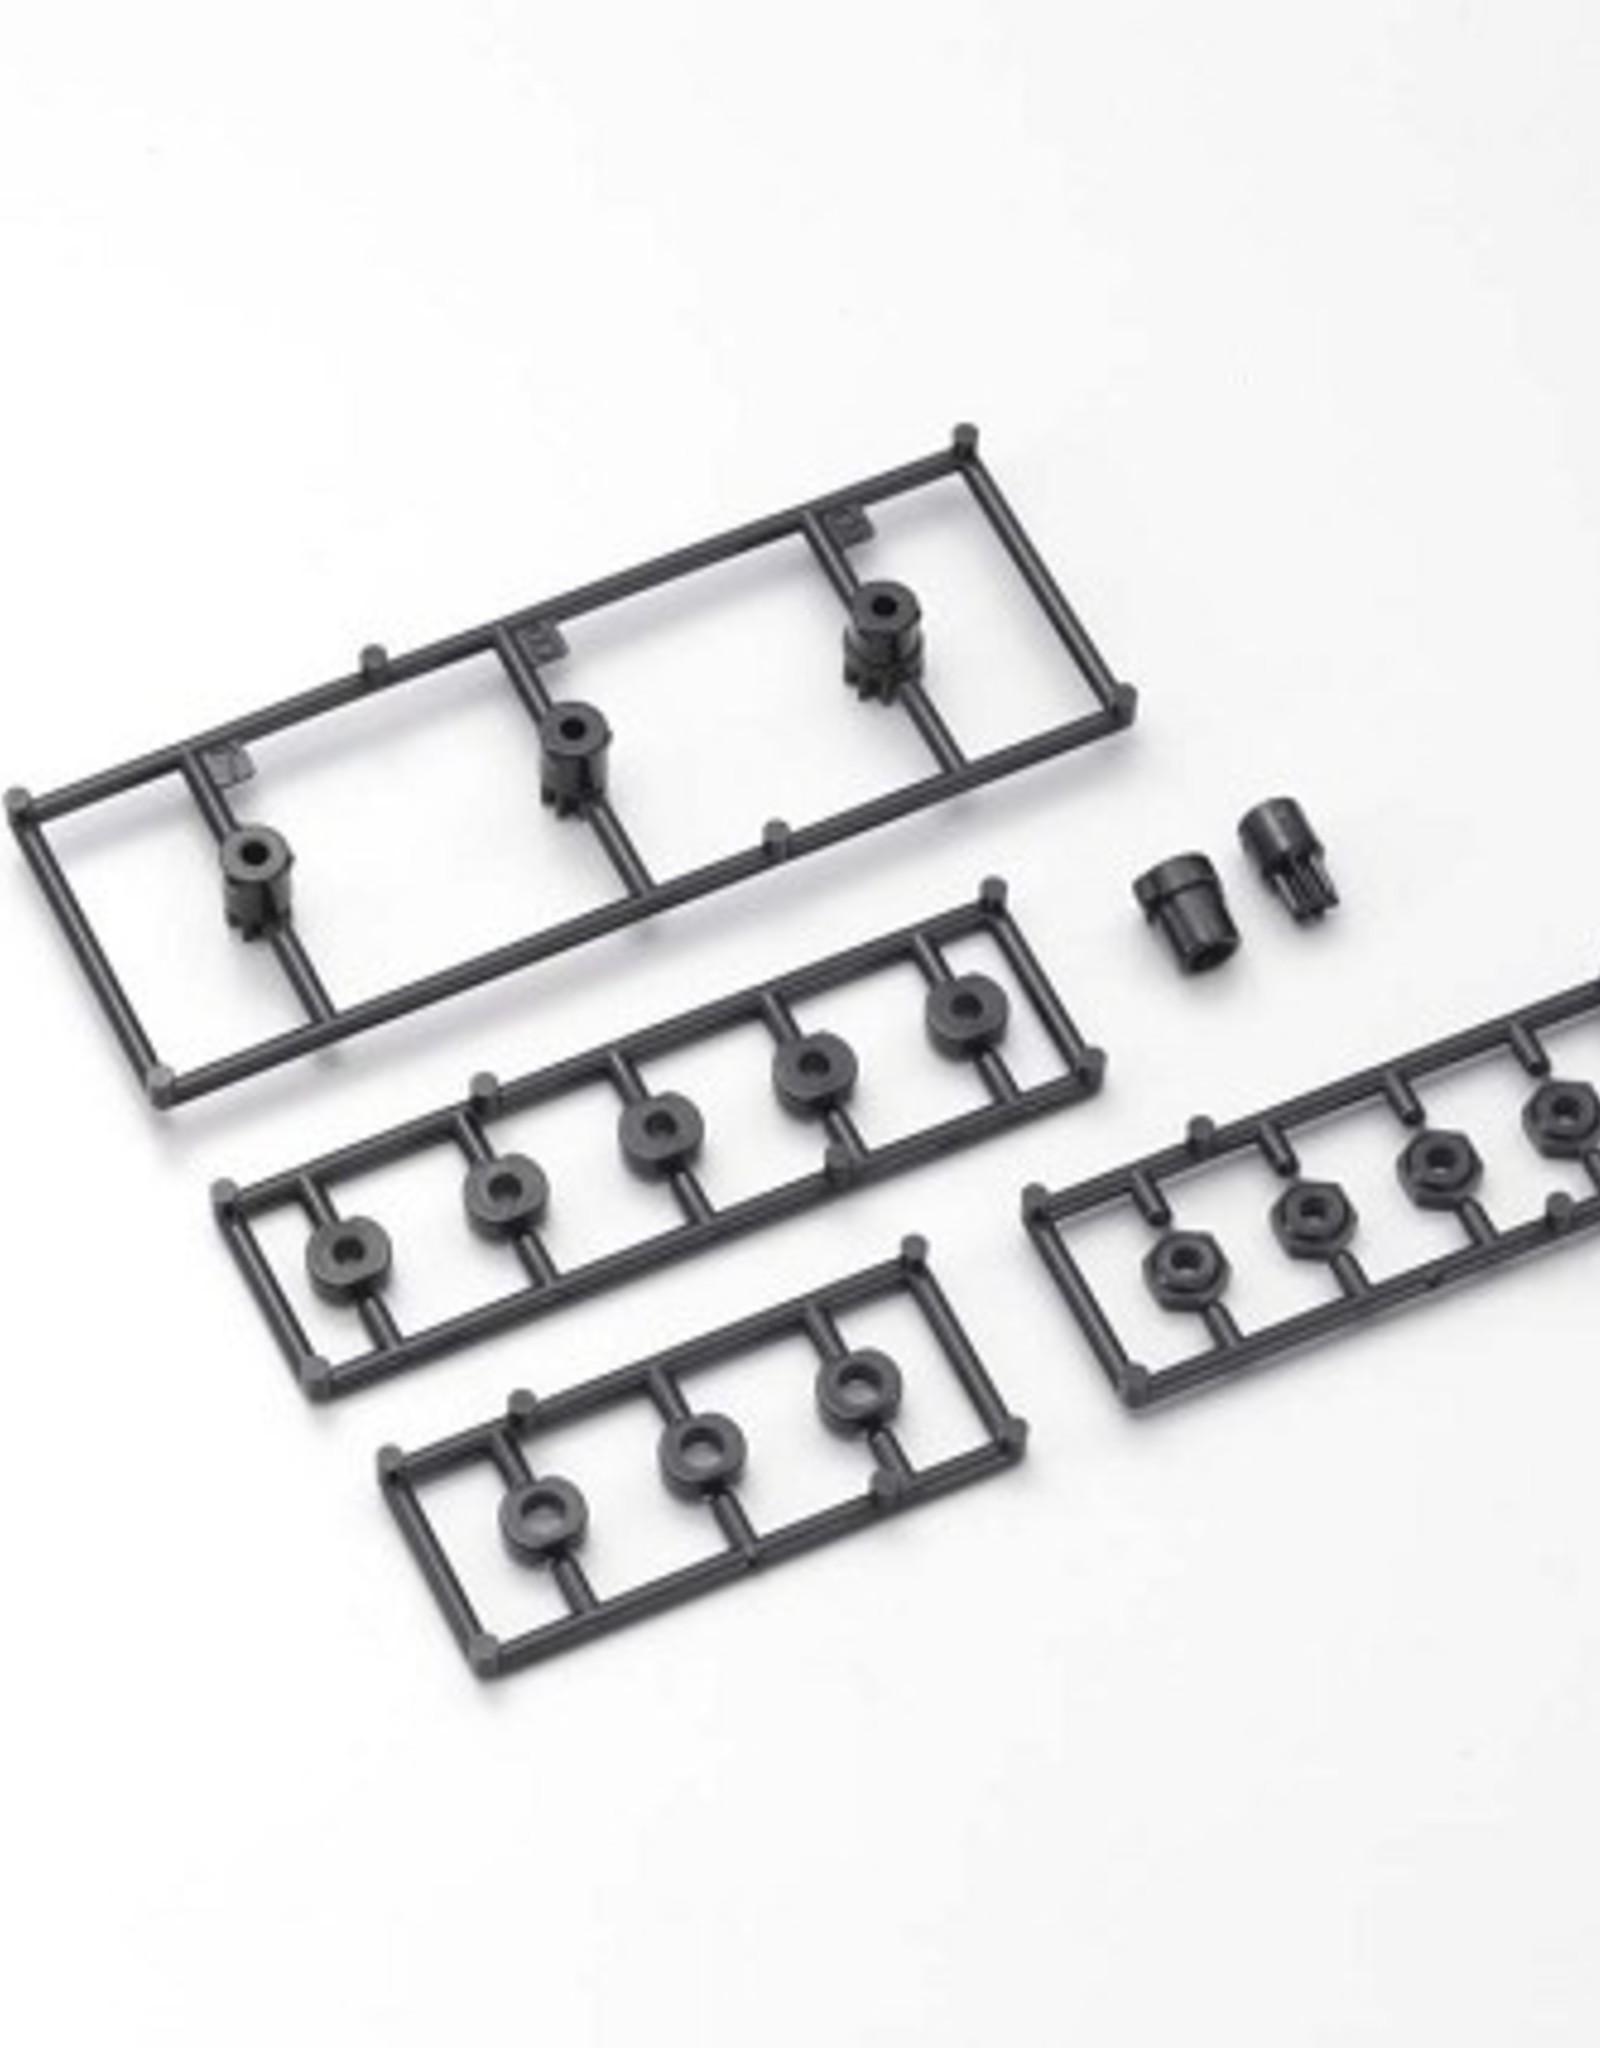 Kyosho Kyosho Pinion Gear Set(Black)